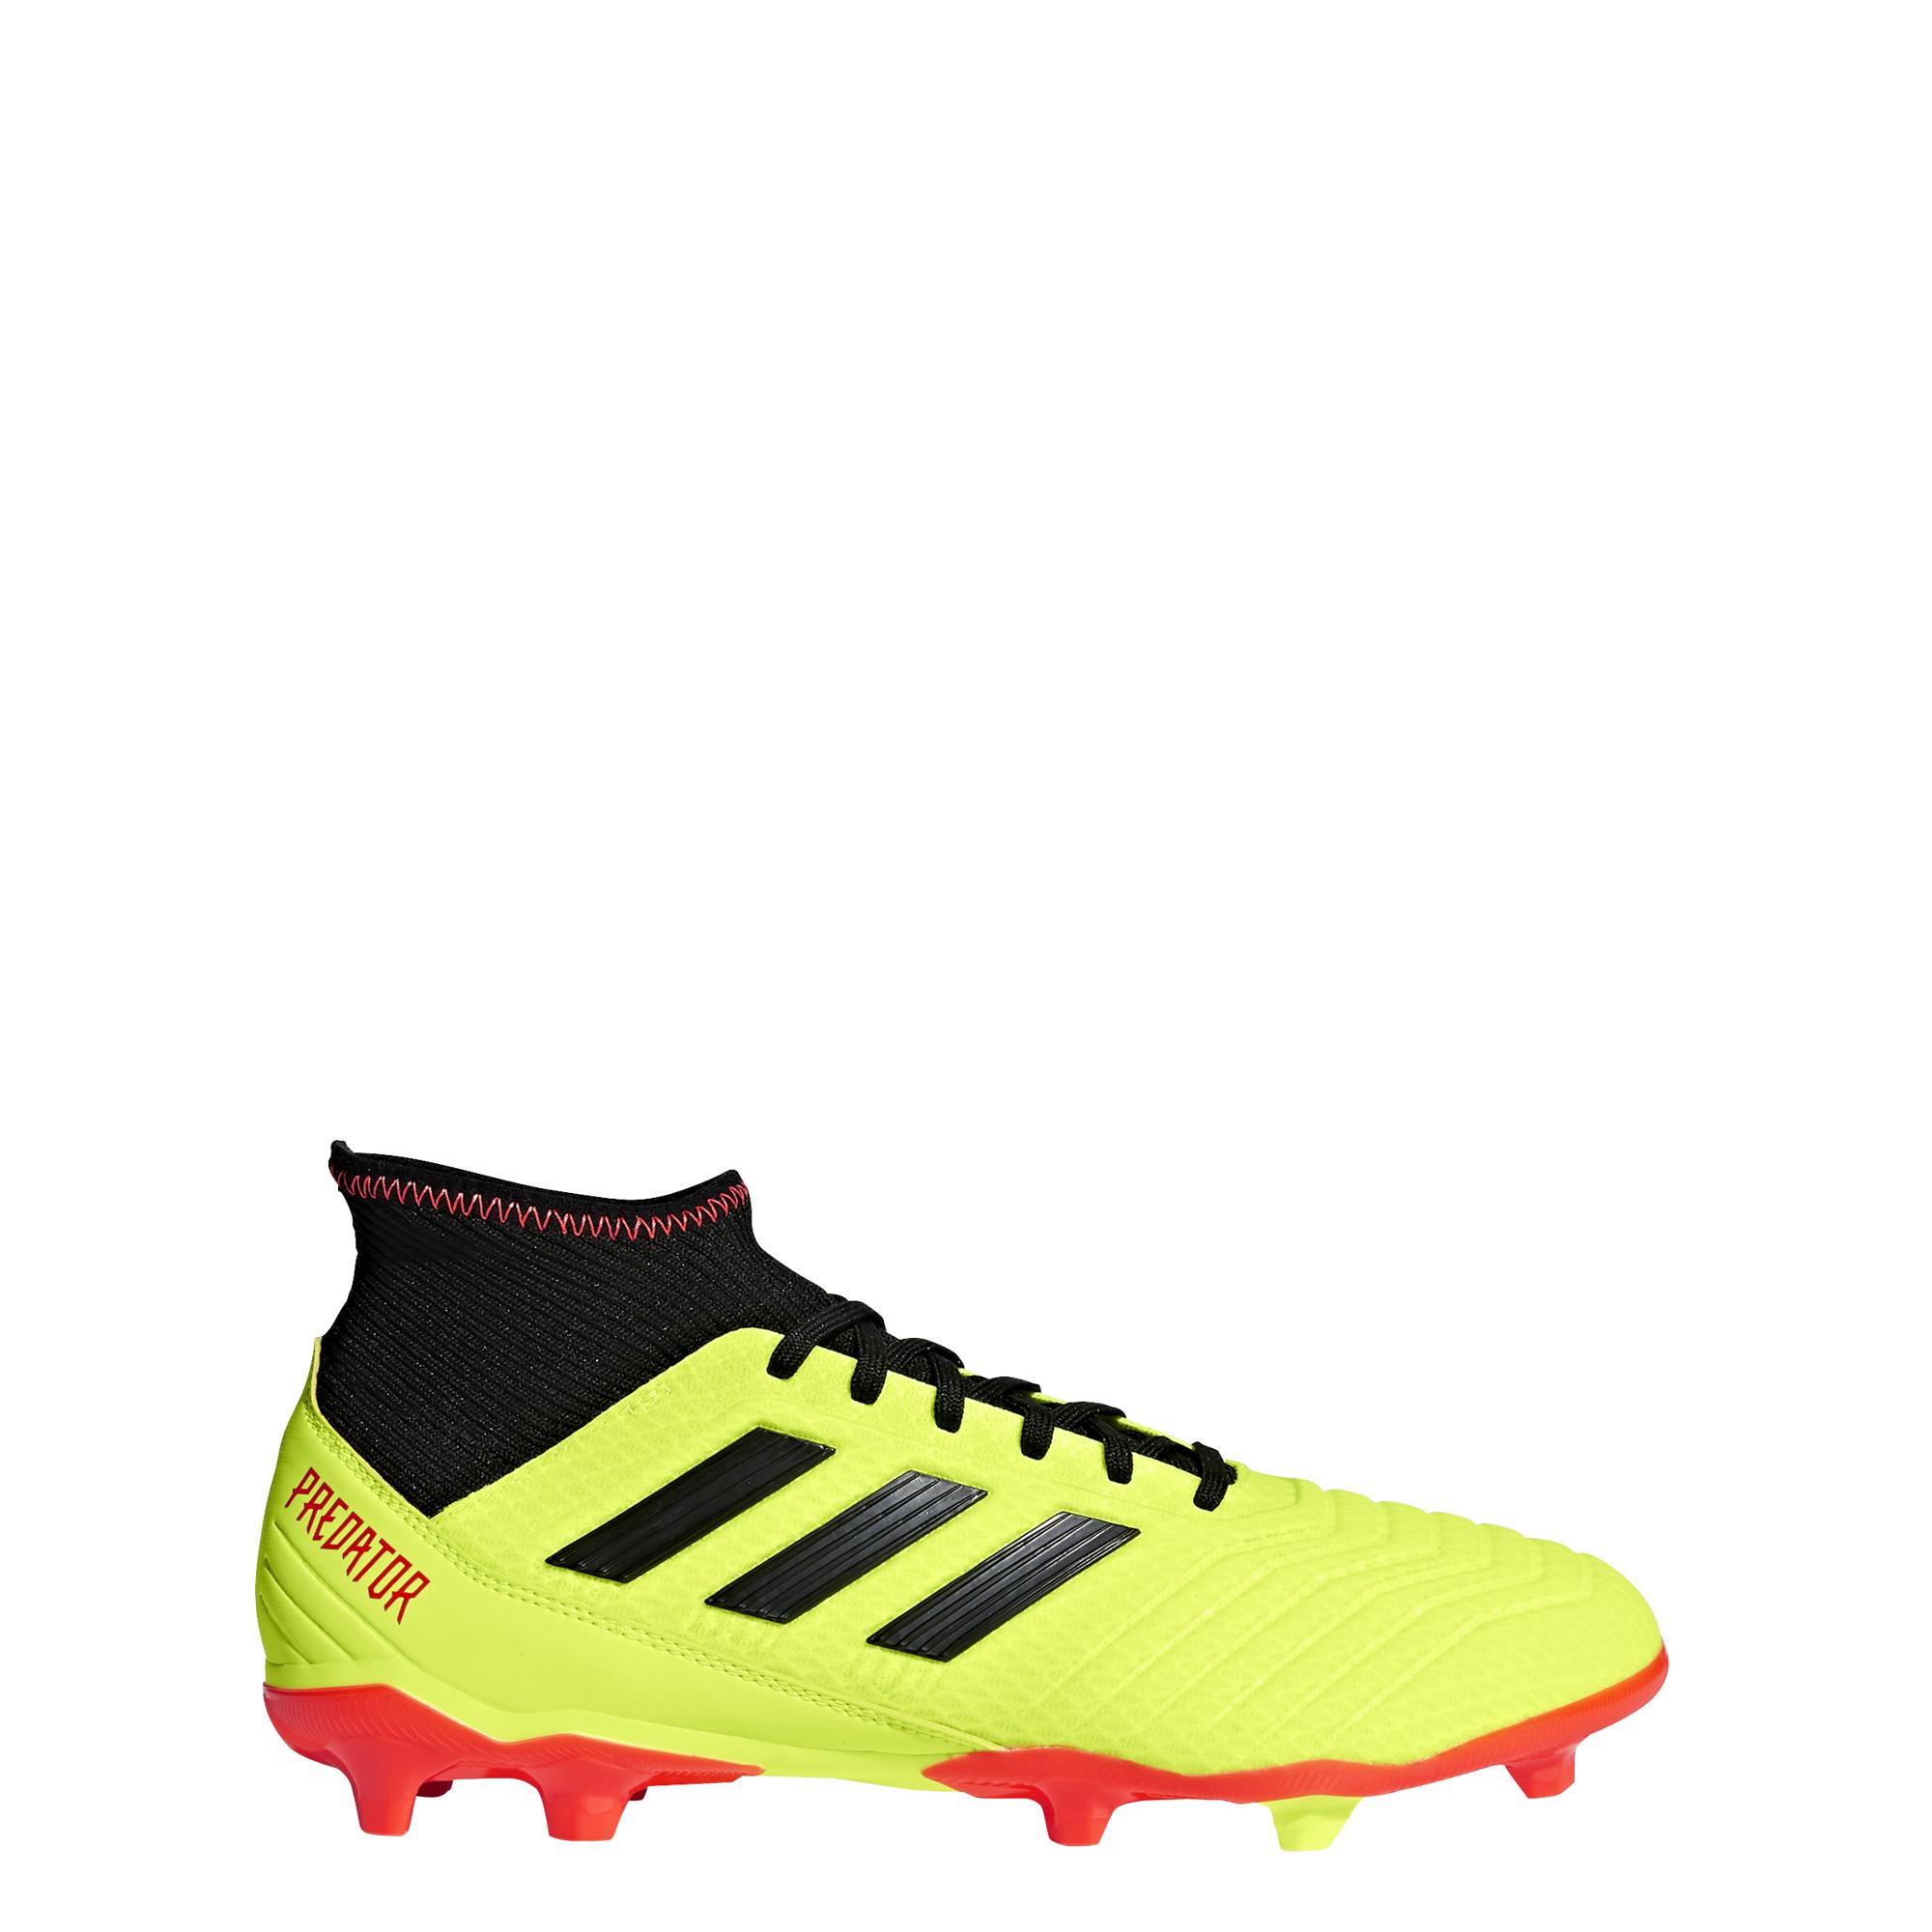 Dettagli su Adidas Scarpe da Calcio Predator 18.3 Fg Uomo Scarpe con Tacchetti Calcio Scarpe